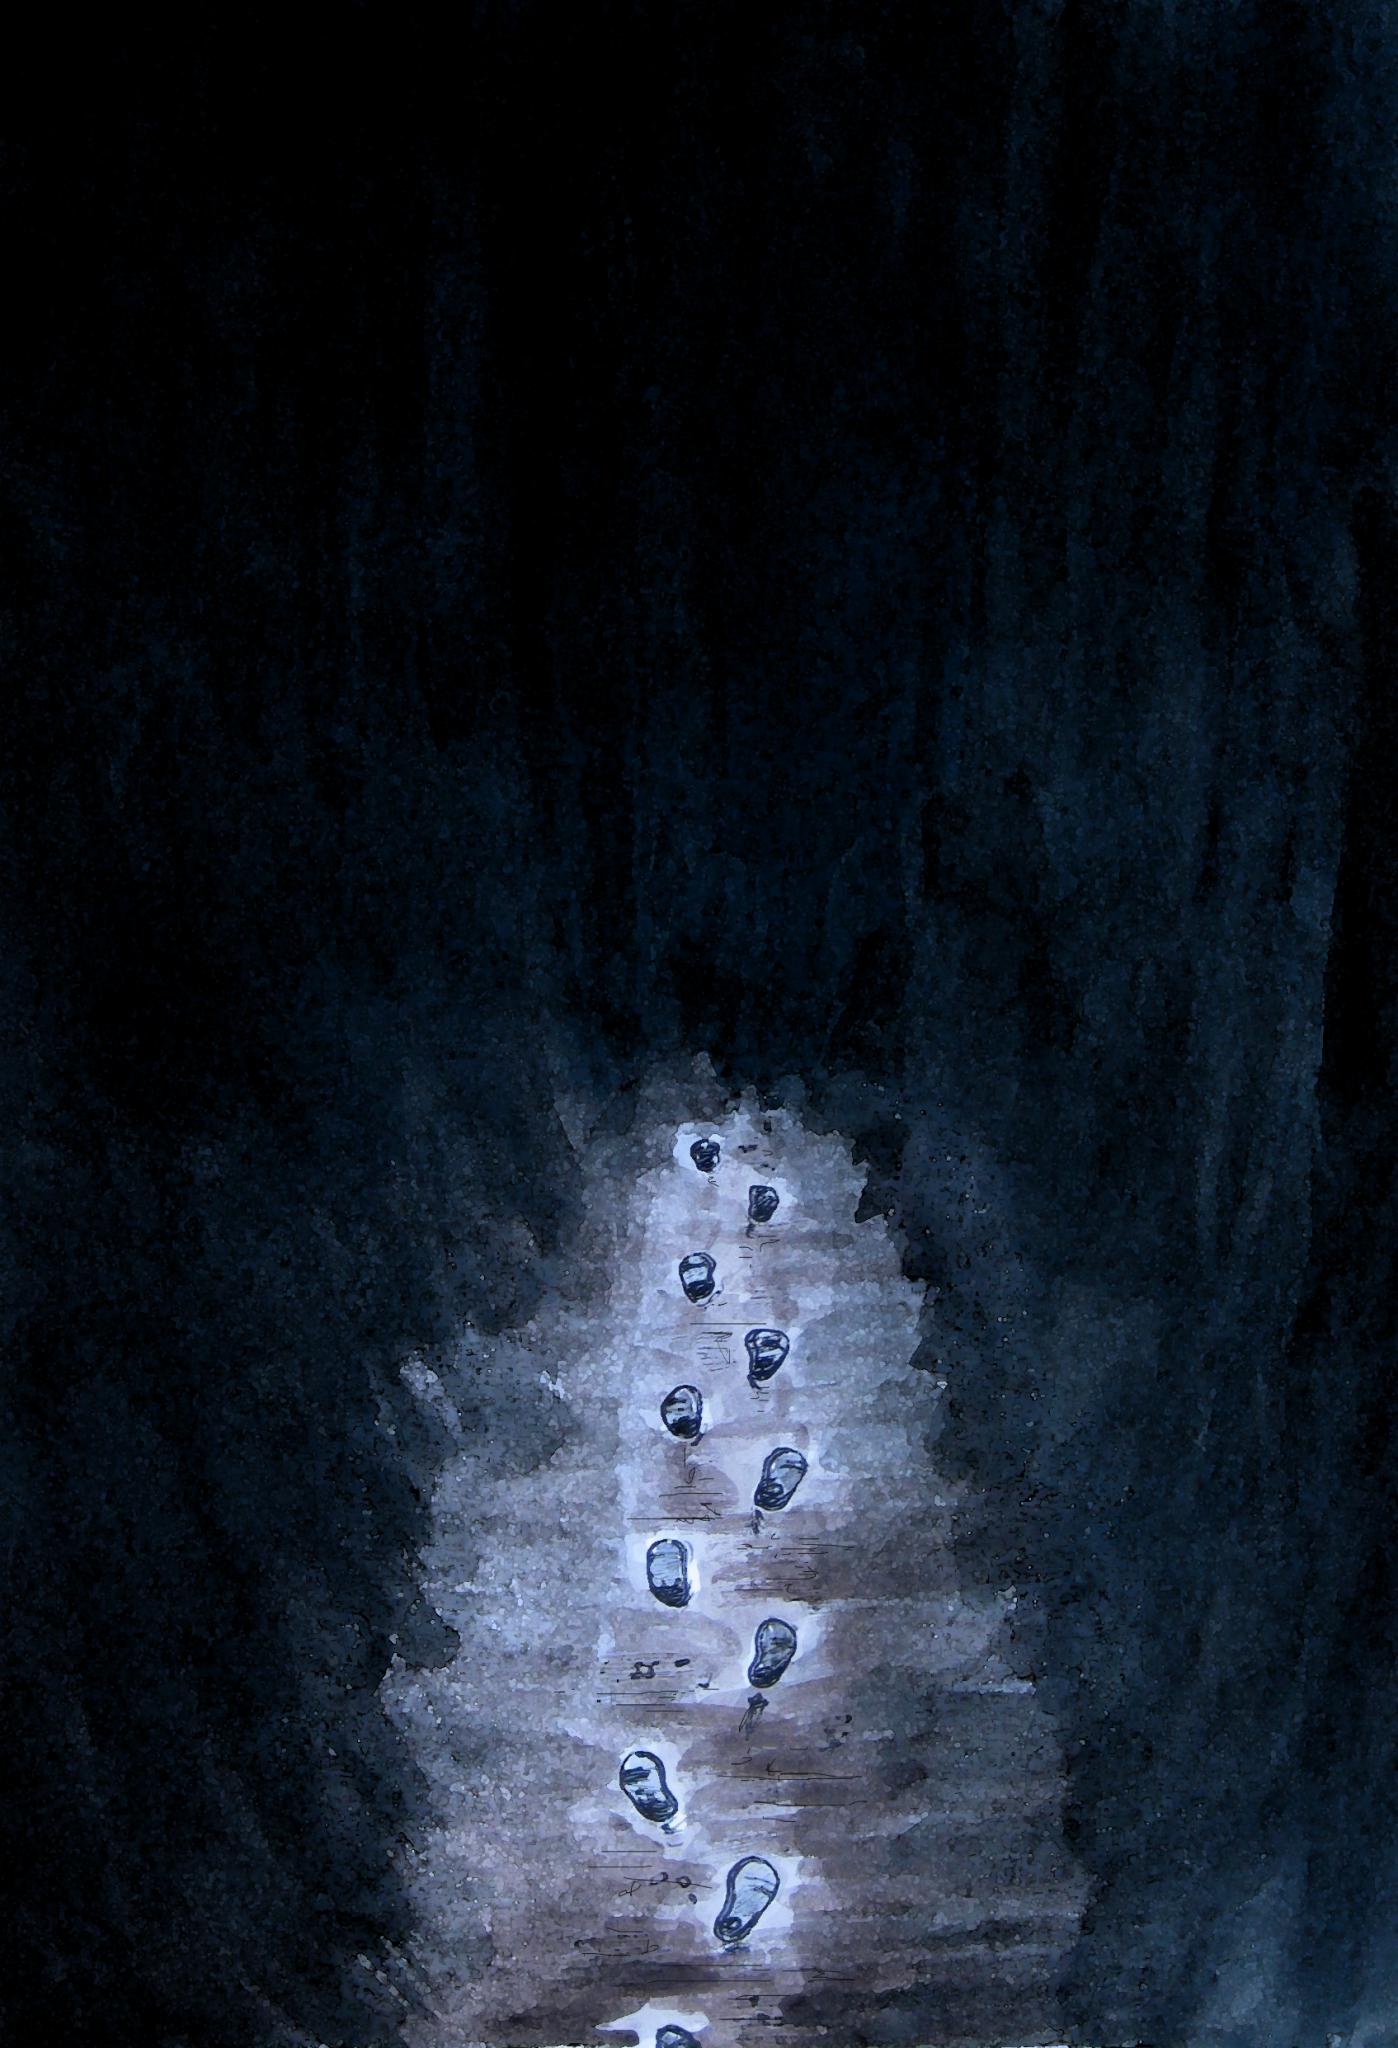 Kuvassa maalaus, jossa mustaa ympärilla ja keskellä rusehtava polku, jossa näkyy askeleet. Teoksen nimi on näköalattomuuden polku.